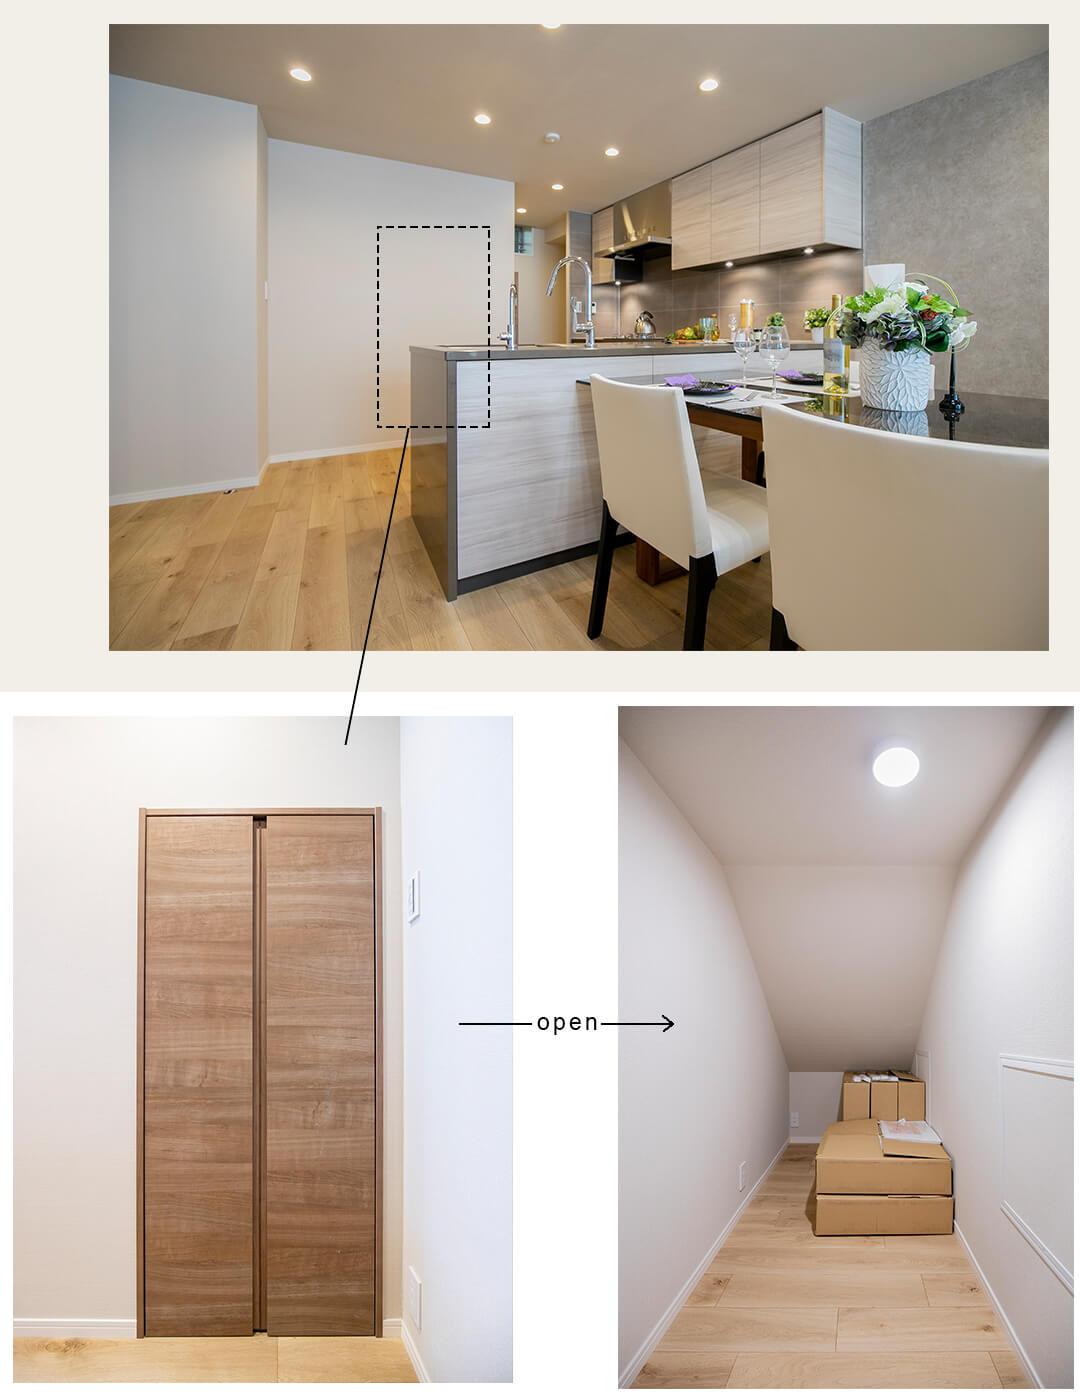 松濤コートハウスのキッチン